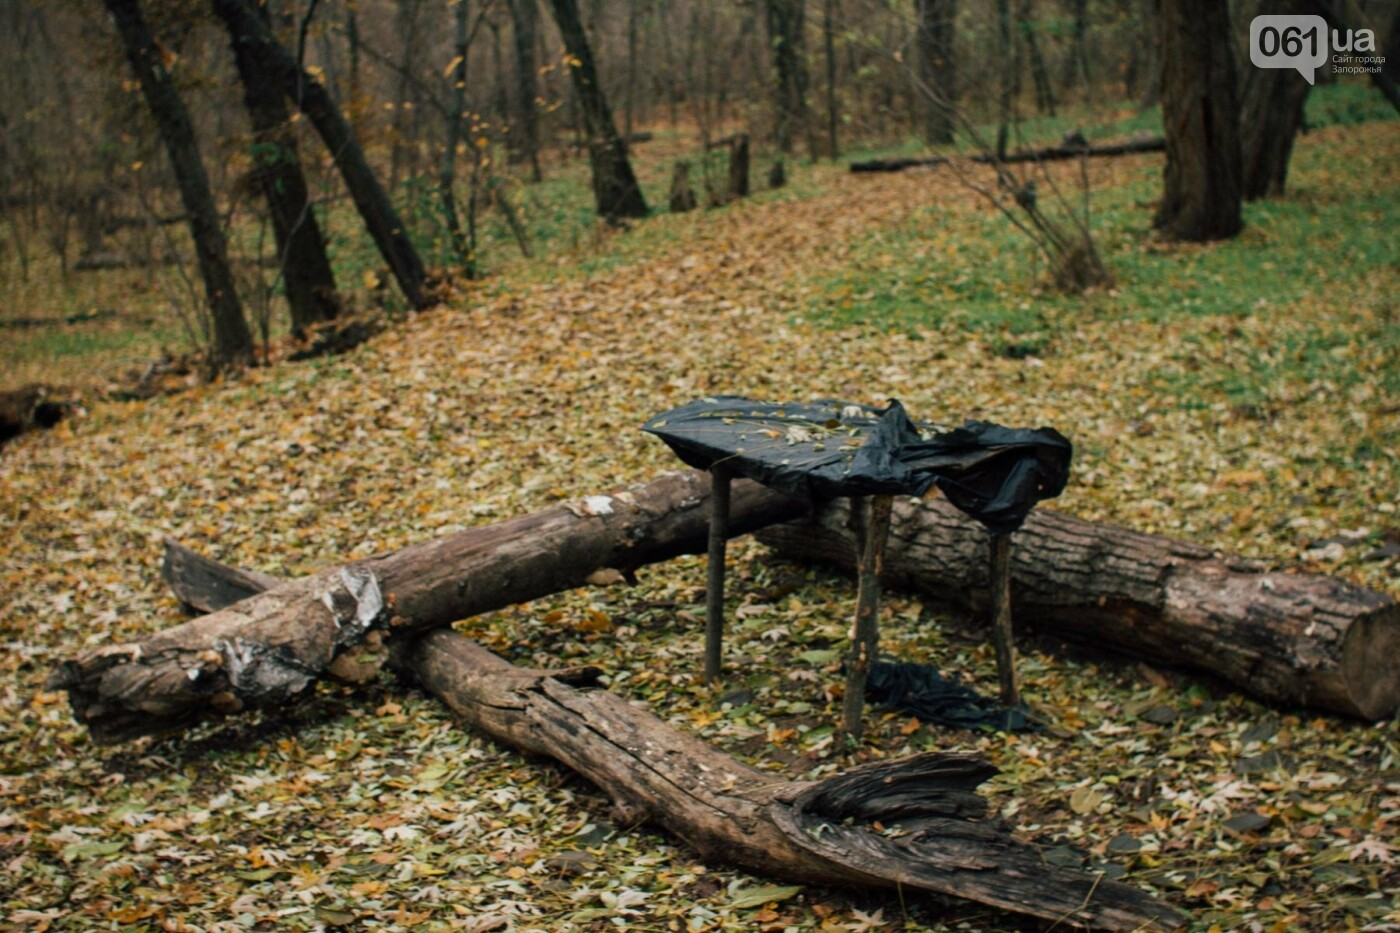 Четыре дня до зимы: как выглядит Хортица поздней осенью, - ФОТОРЕПОРТАЖ, фото-16